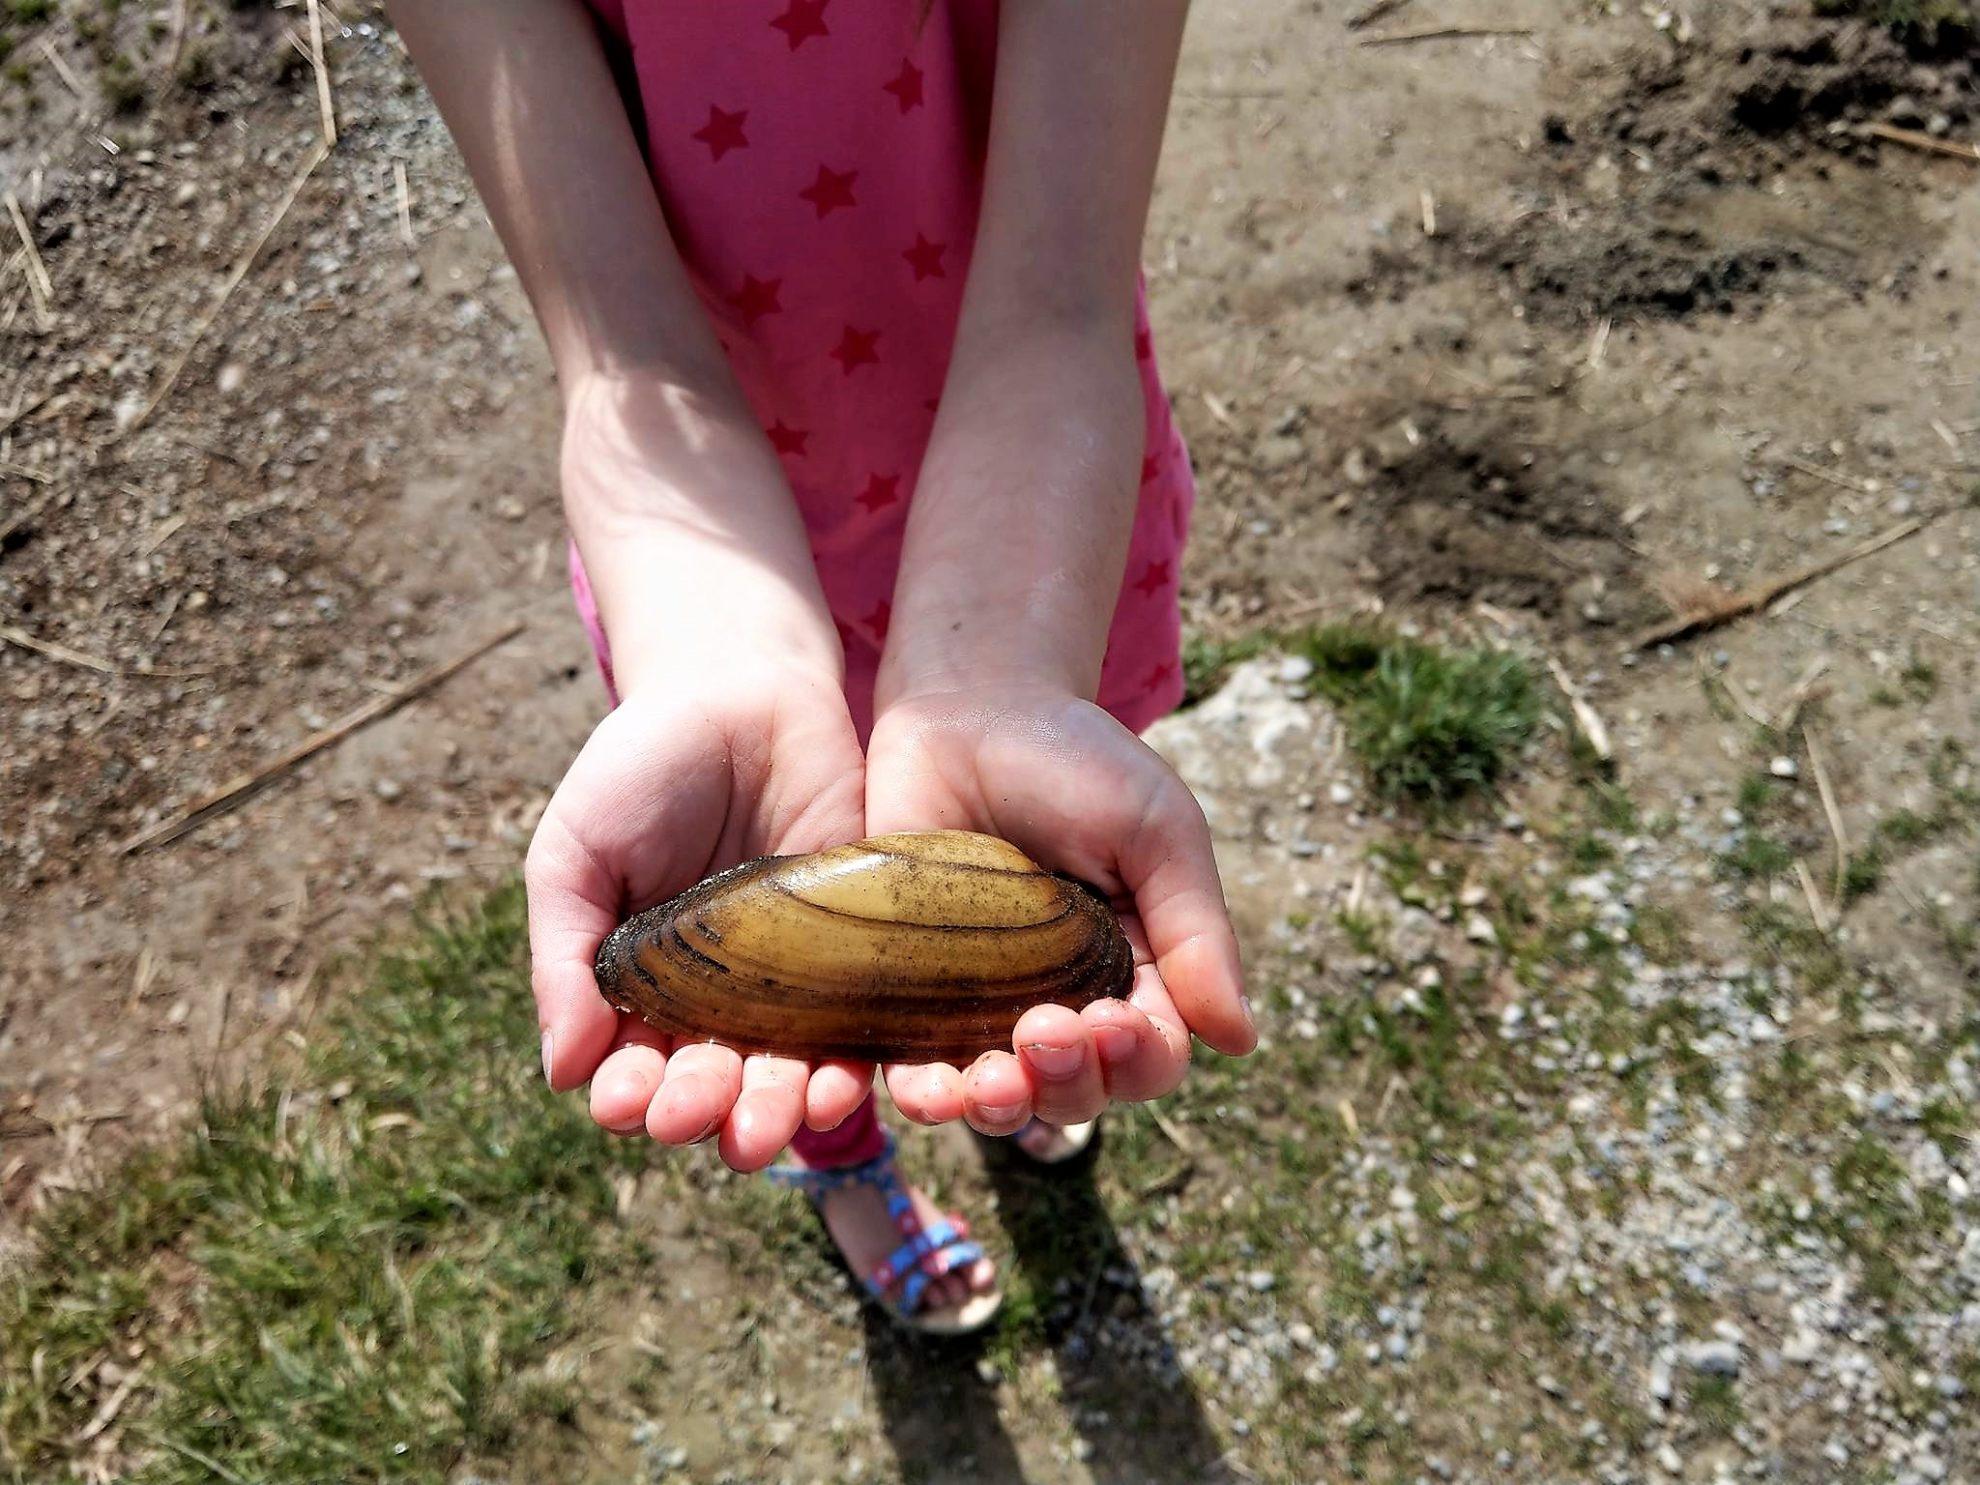 Den Schatz - eine Muschel - in den Händen zu halten, war für die Kinder das Größte beim Ausflug zum Hopfensee im Allgäu.